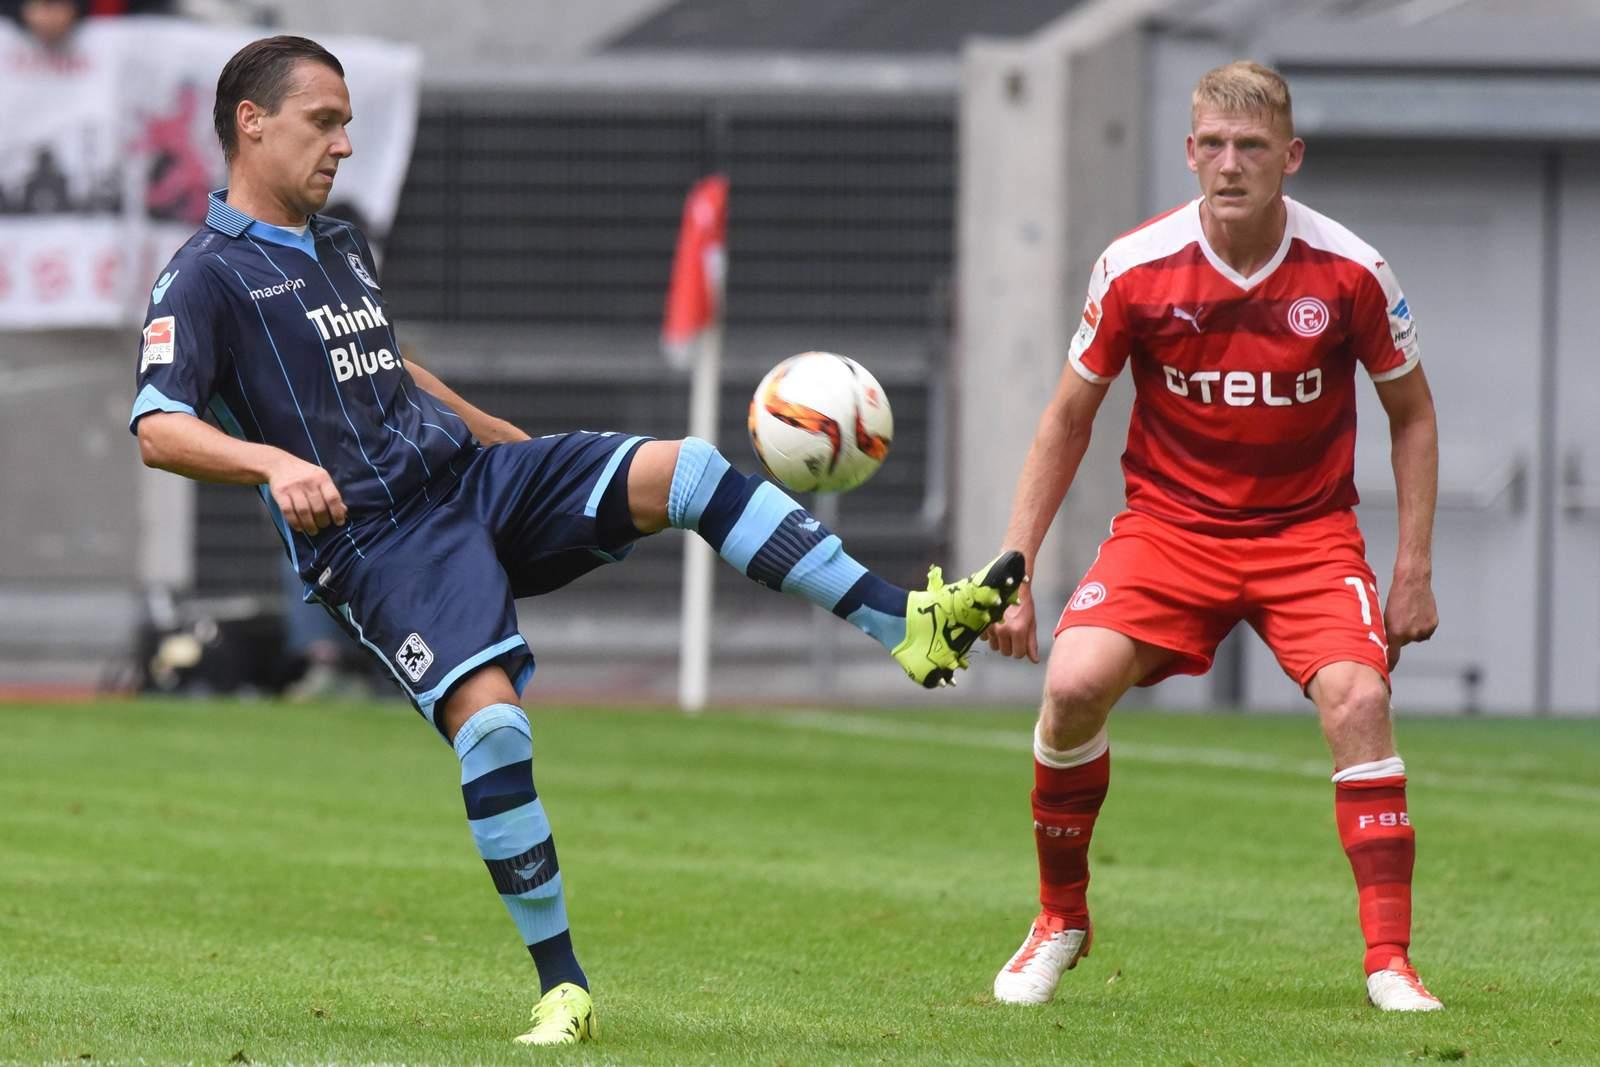 Michael Liendl spielt den Ball, Axel Bellinghausen schaut zu.